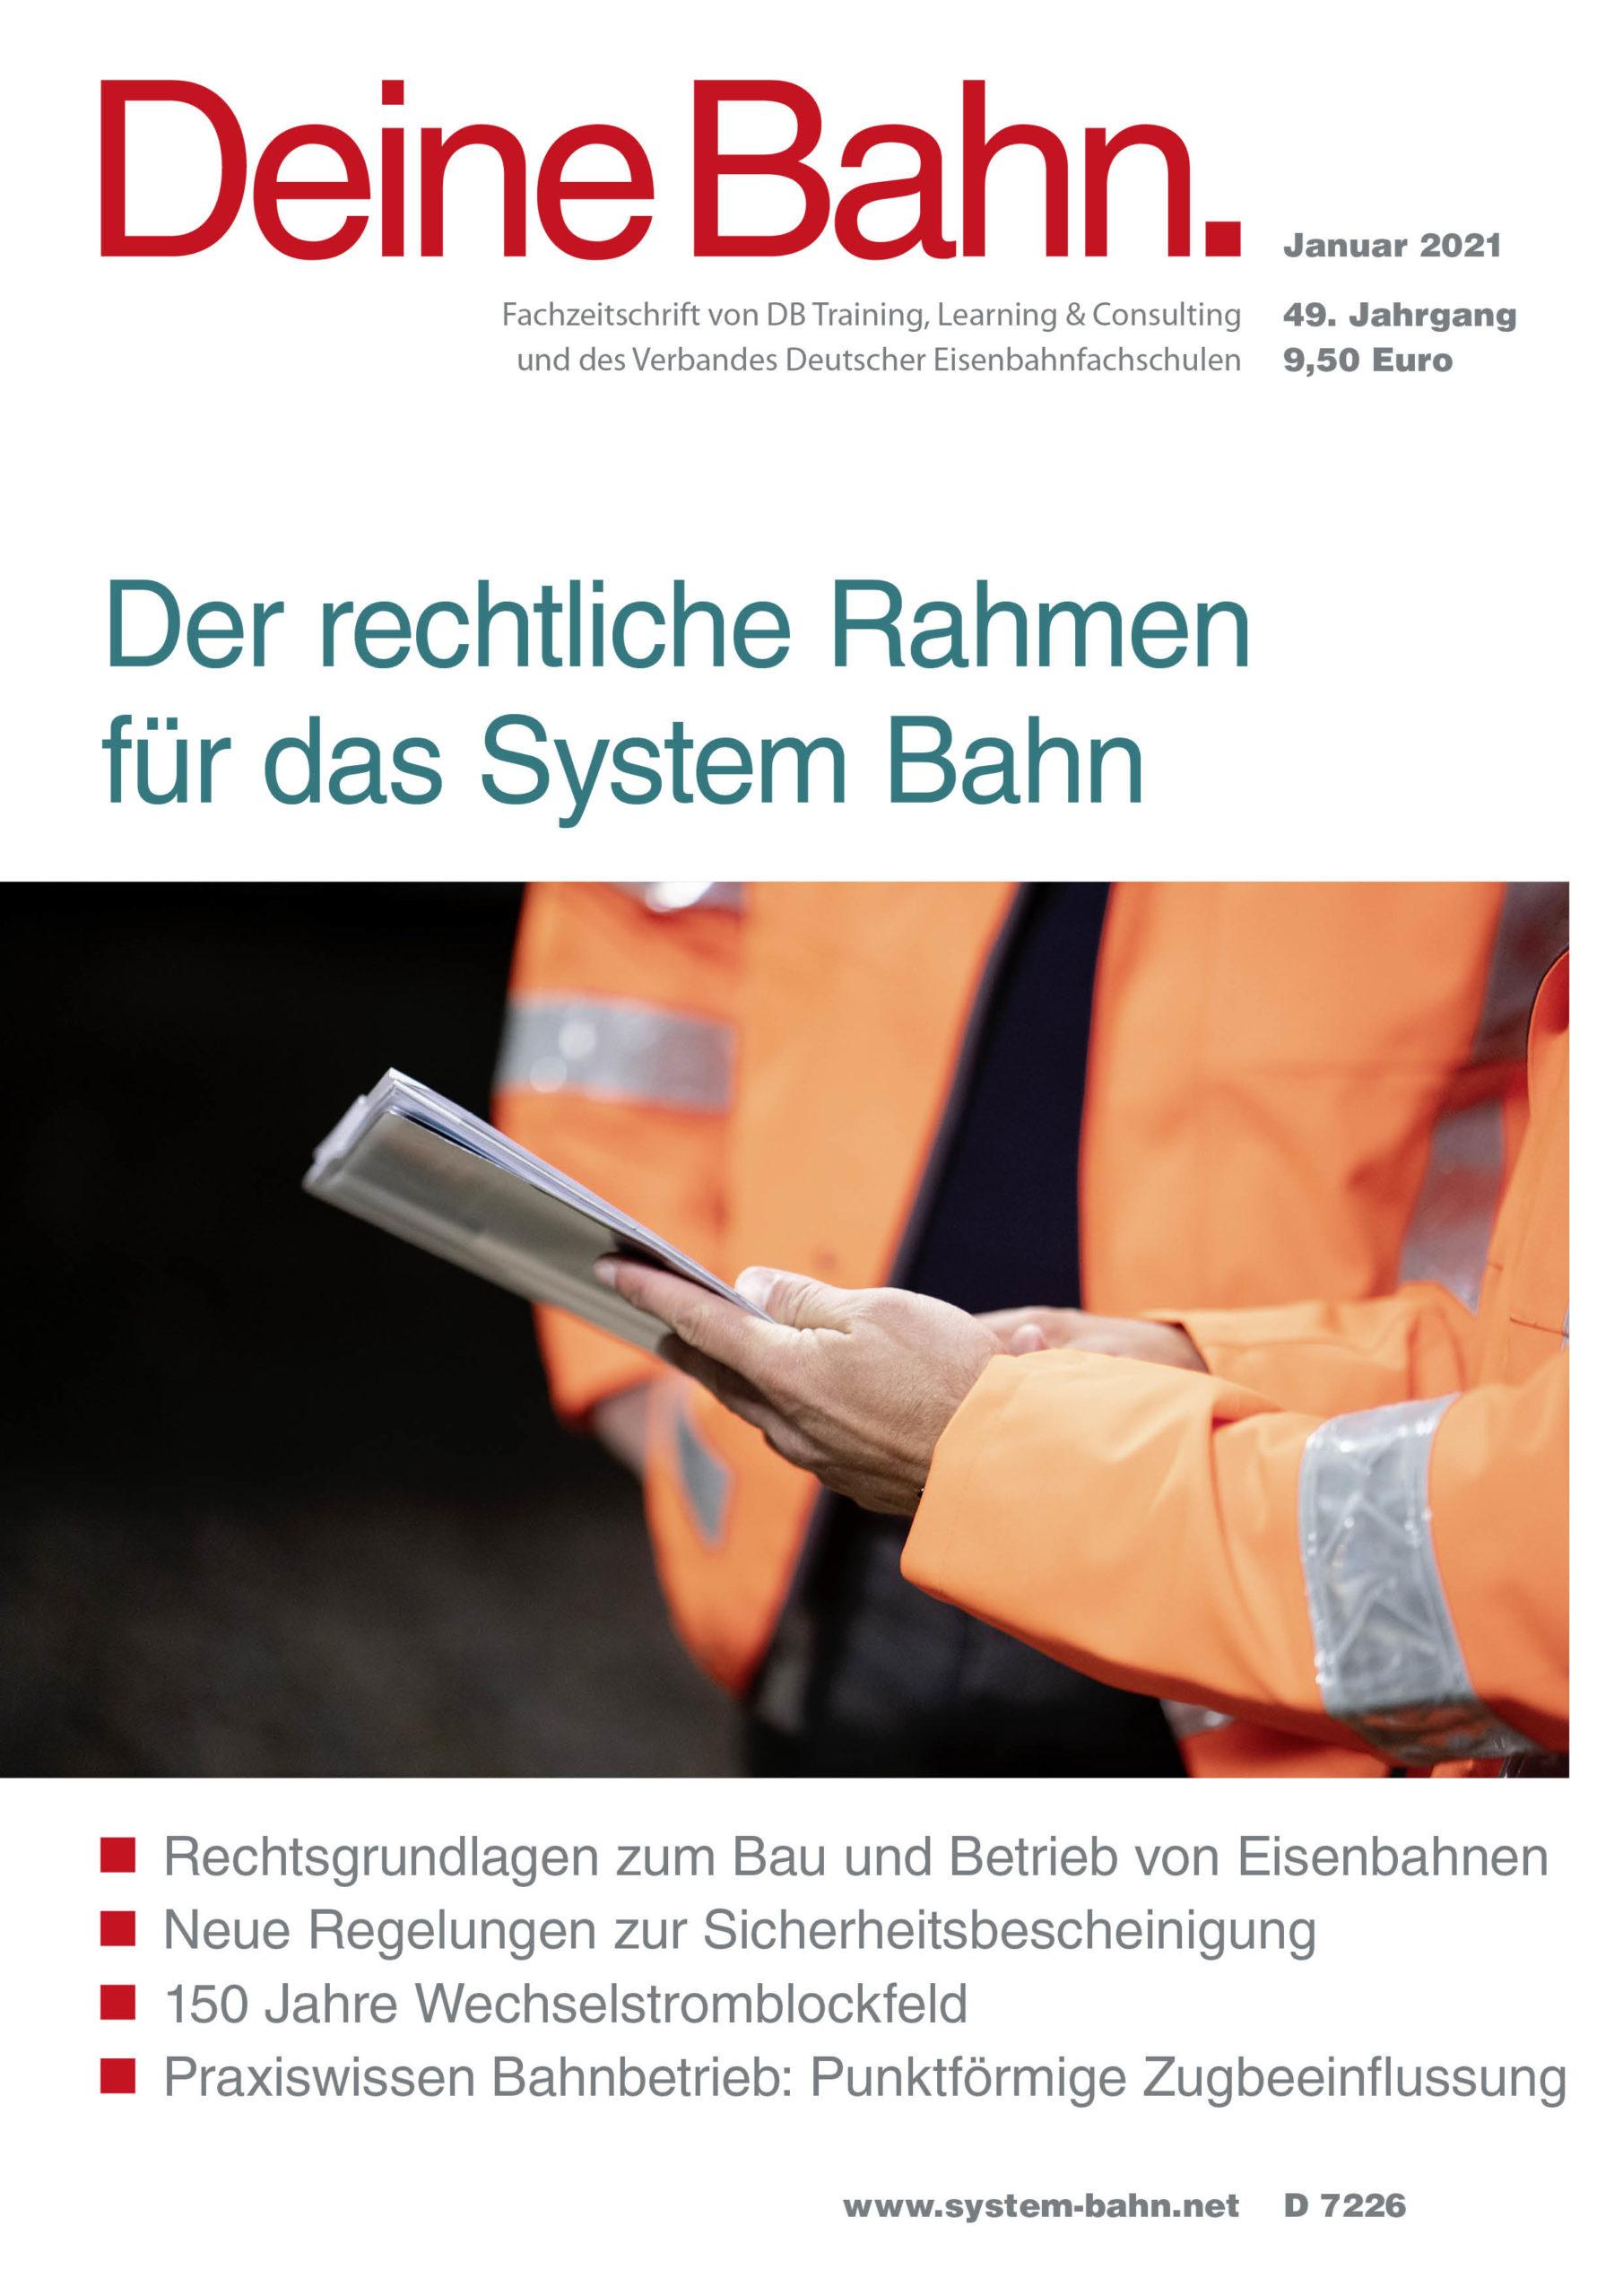 Umschlagmotiv Fachzeitschrift Deine Bahn Januar 2021